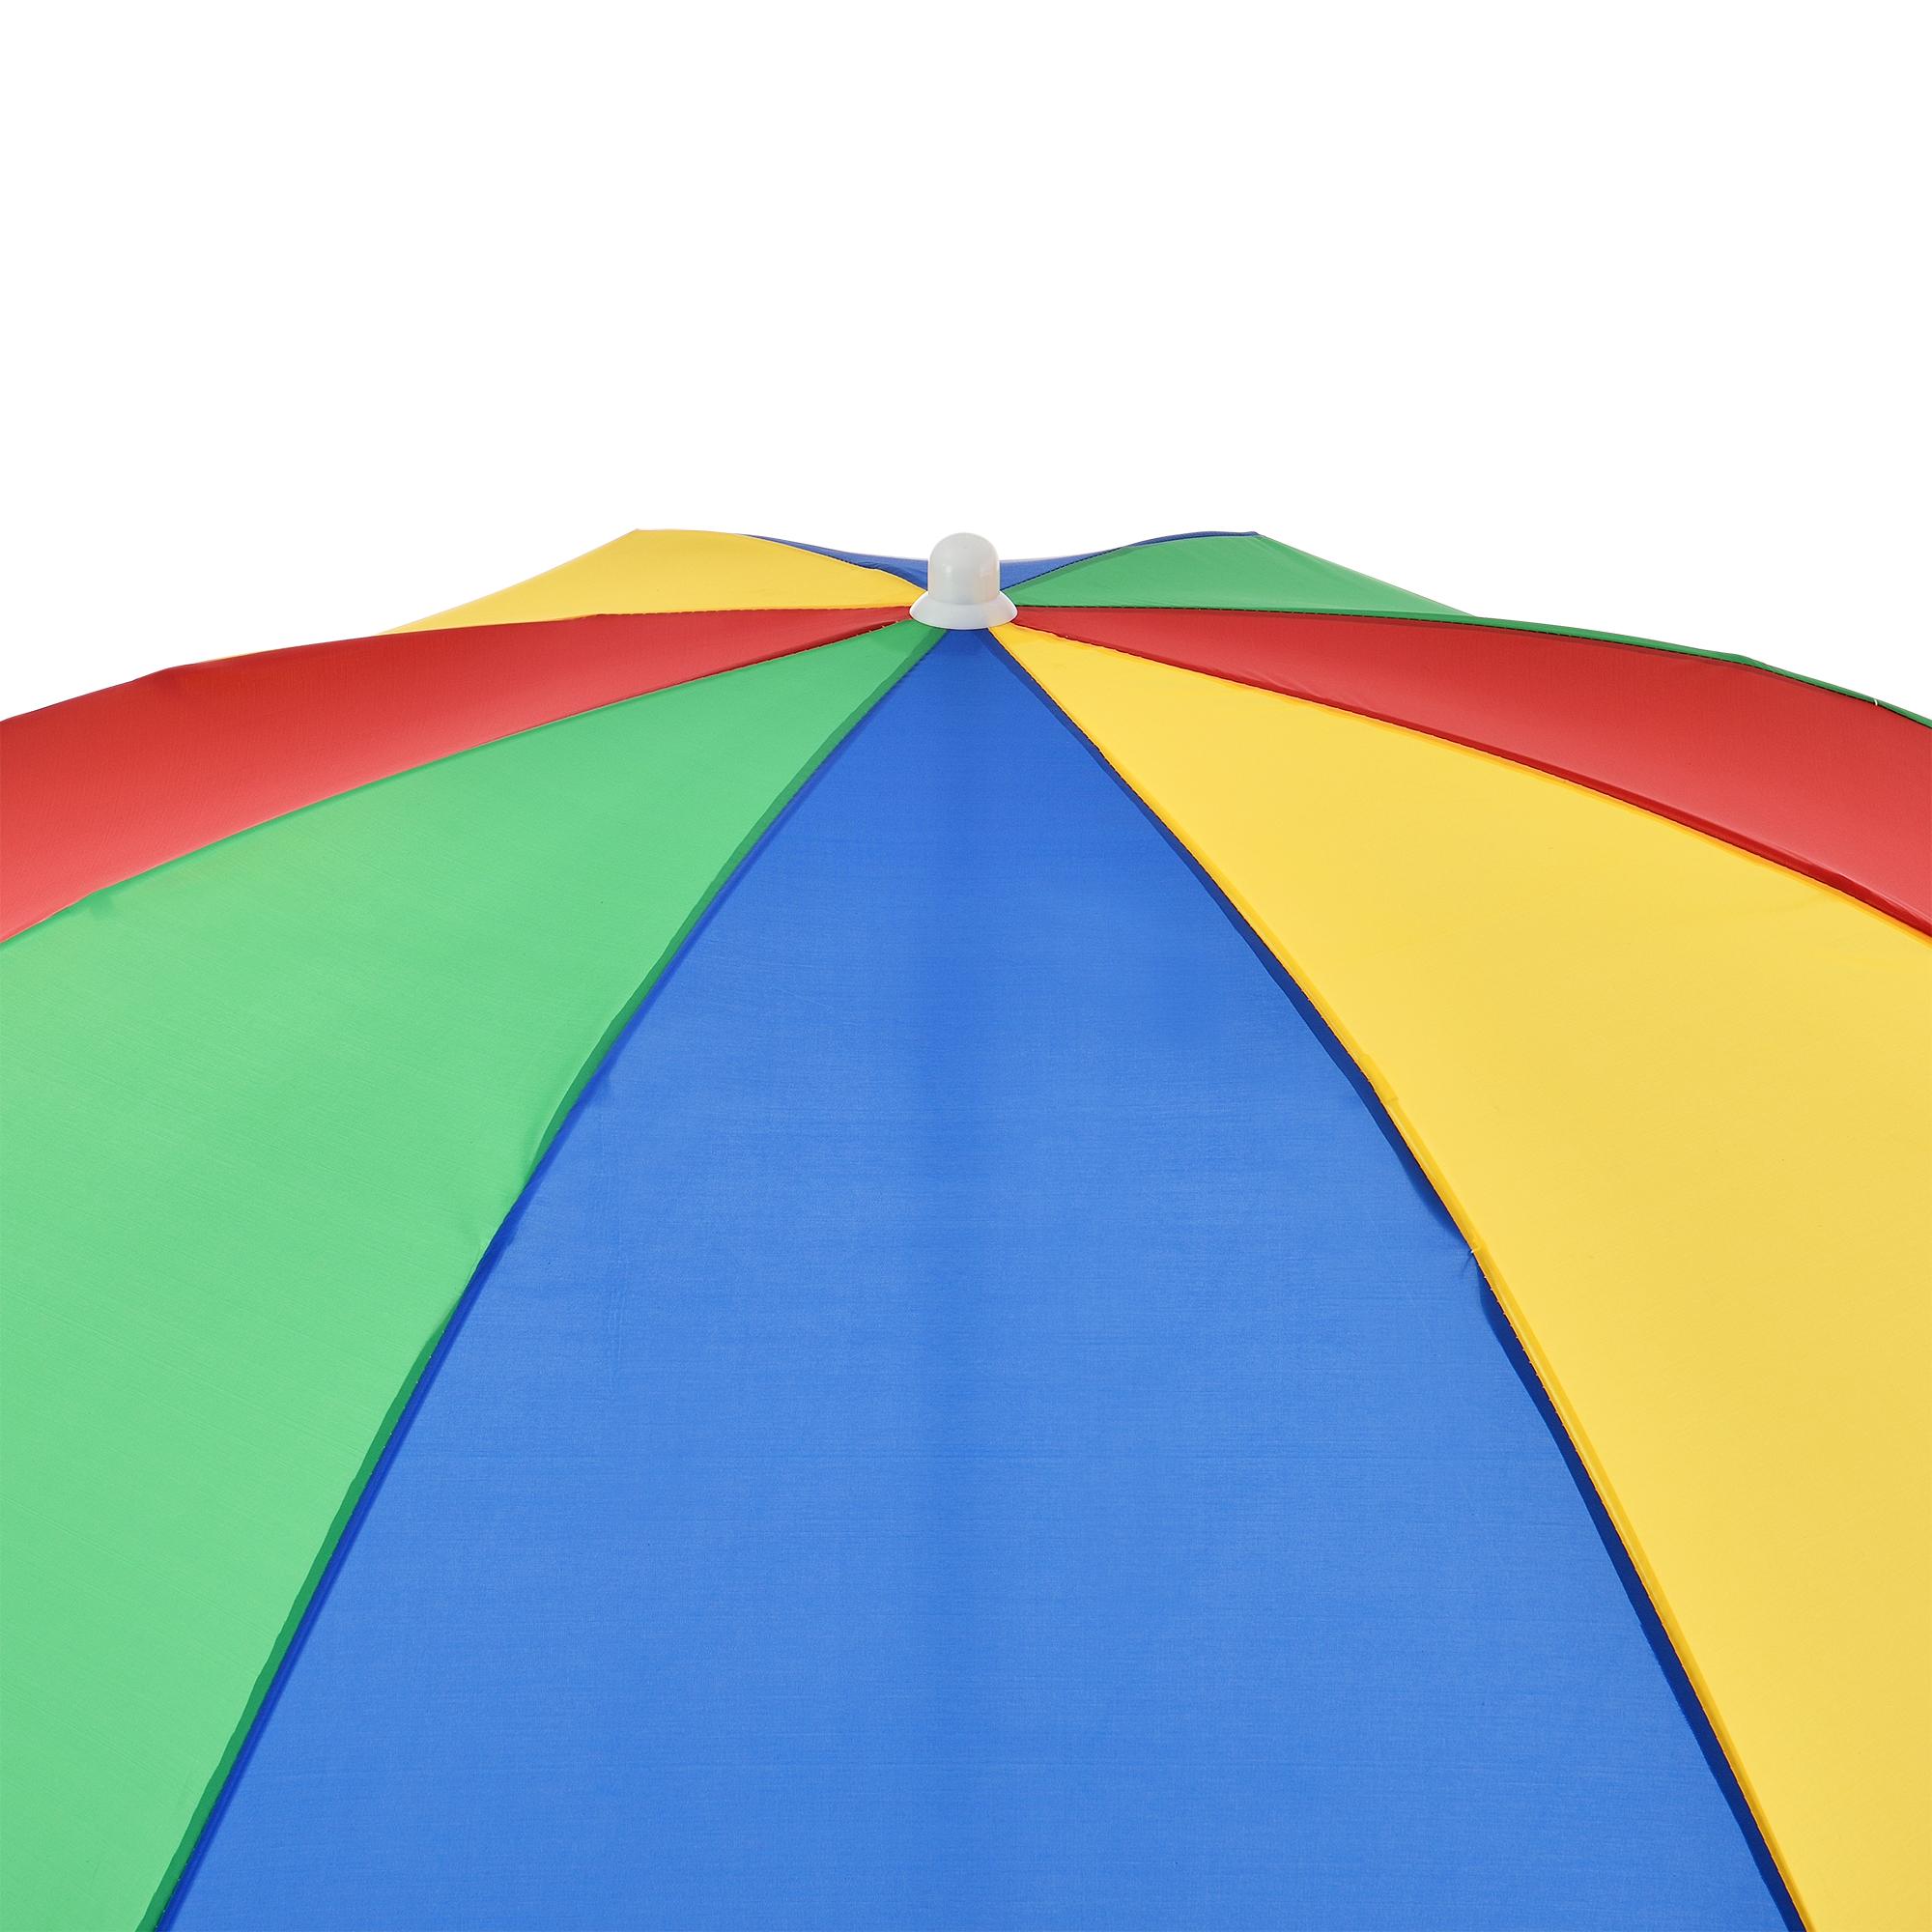 Len Schirm casa pro strandschirm ø180cm bunt sonnenschirm schirm gartenschirm knickgelenk ebay